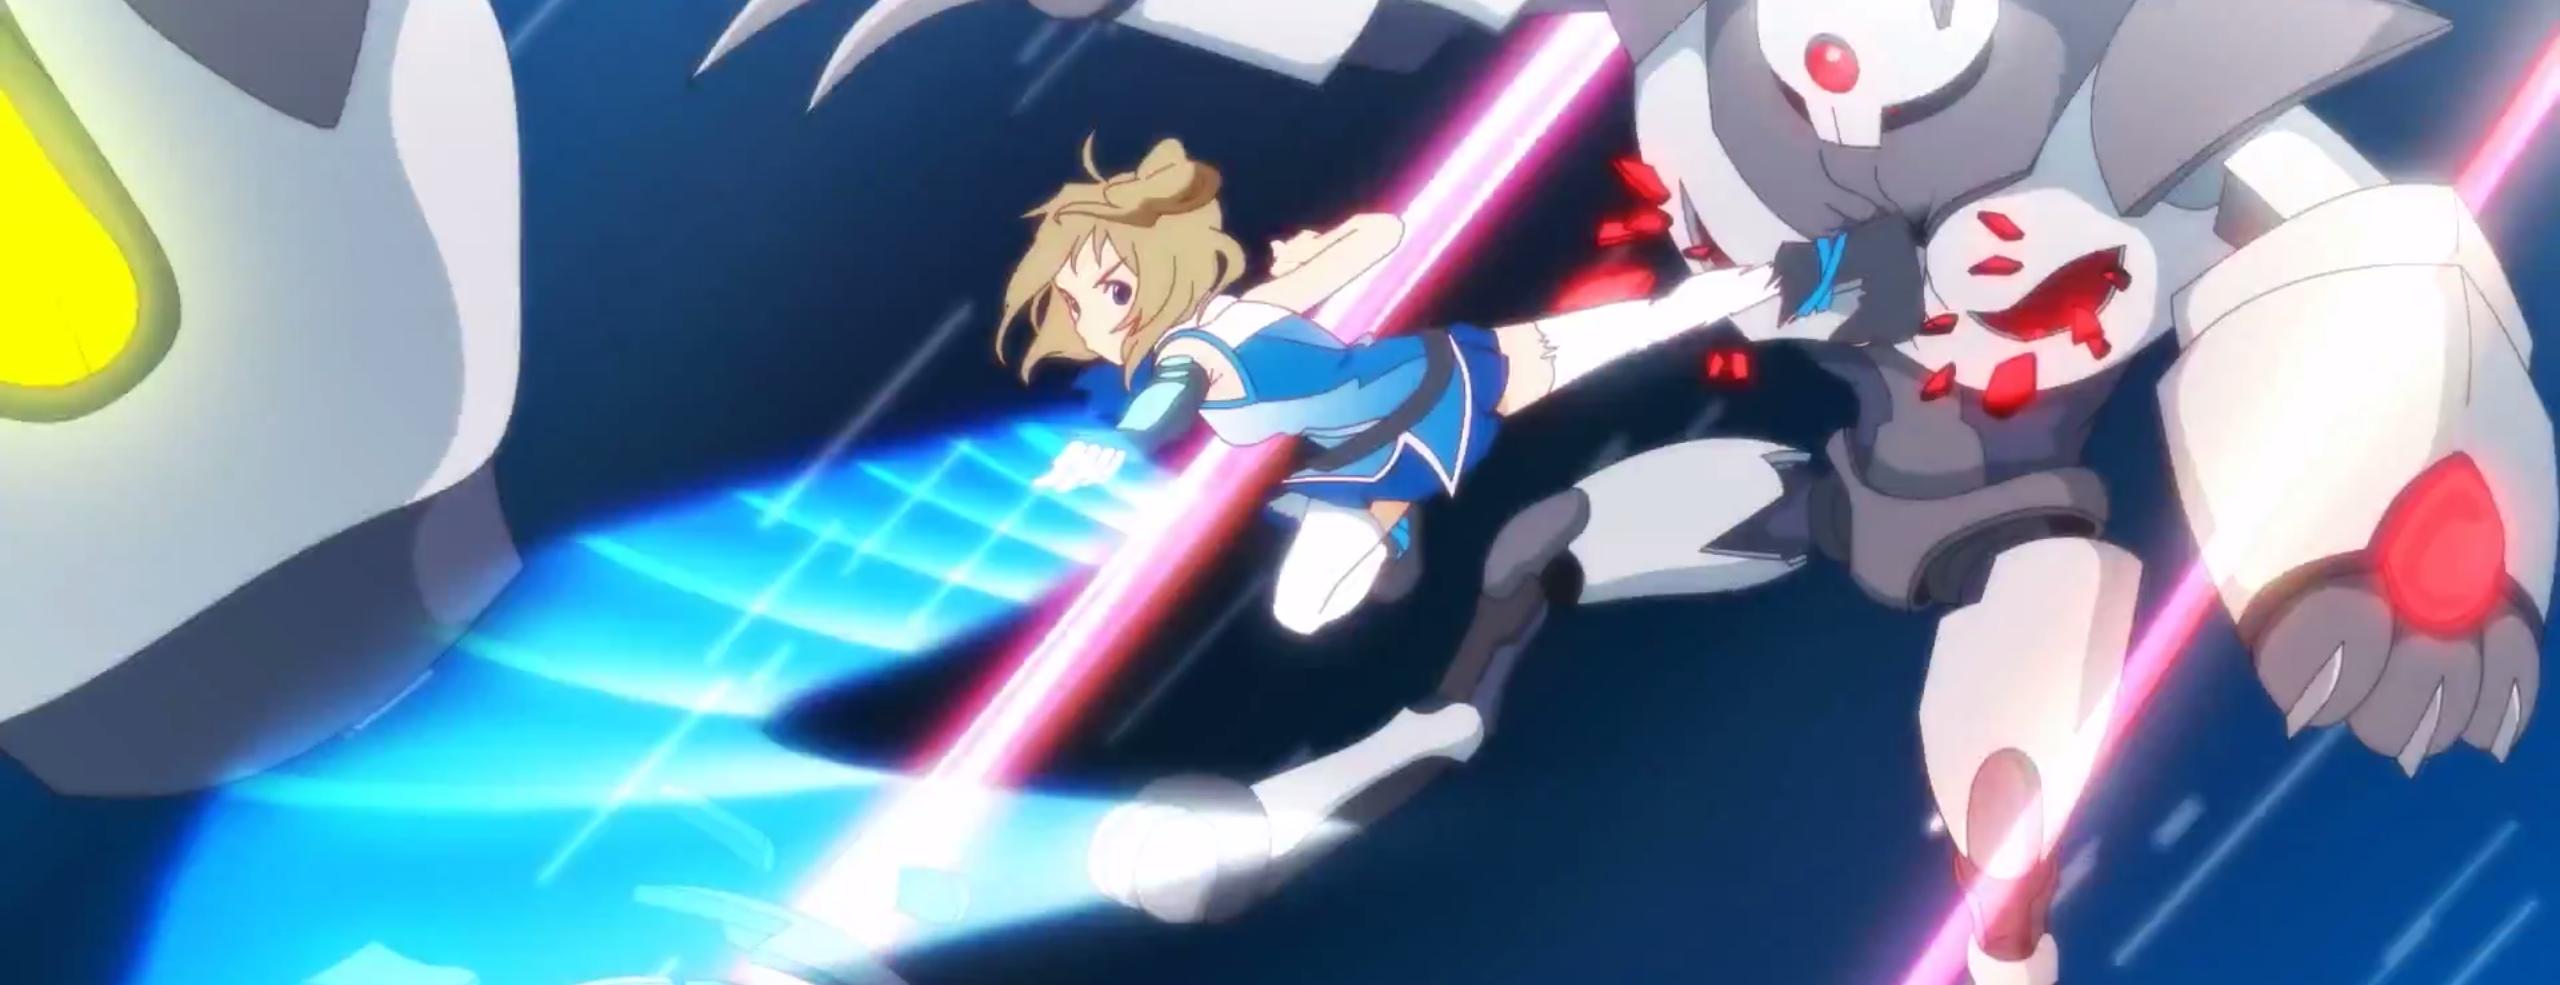 internet explorer u0026 39 s new mascot is anime heroine inori aizawa